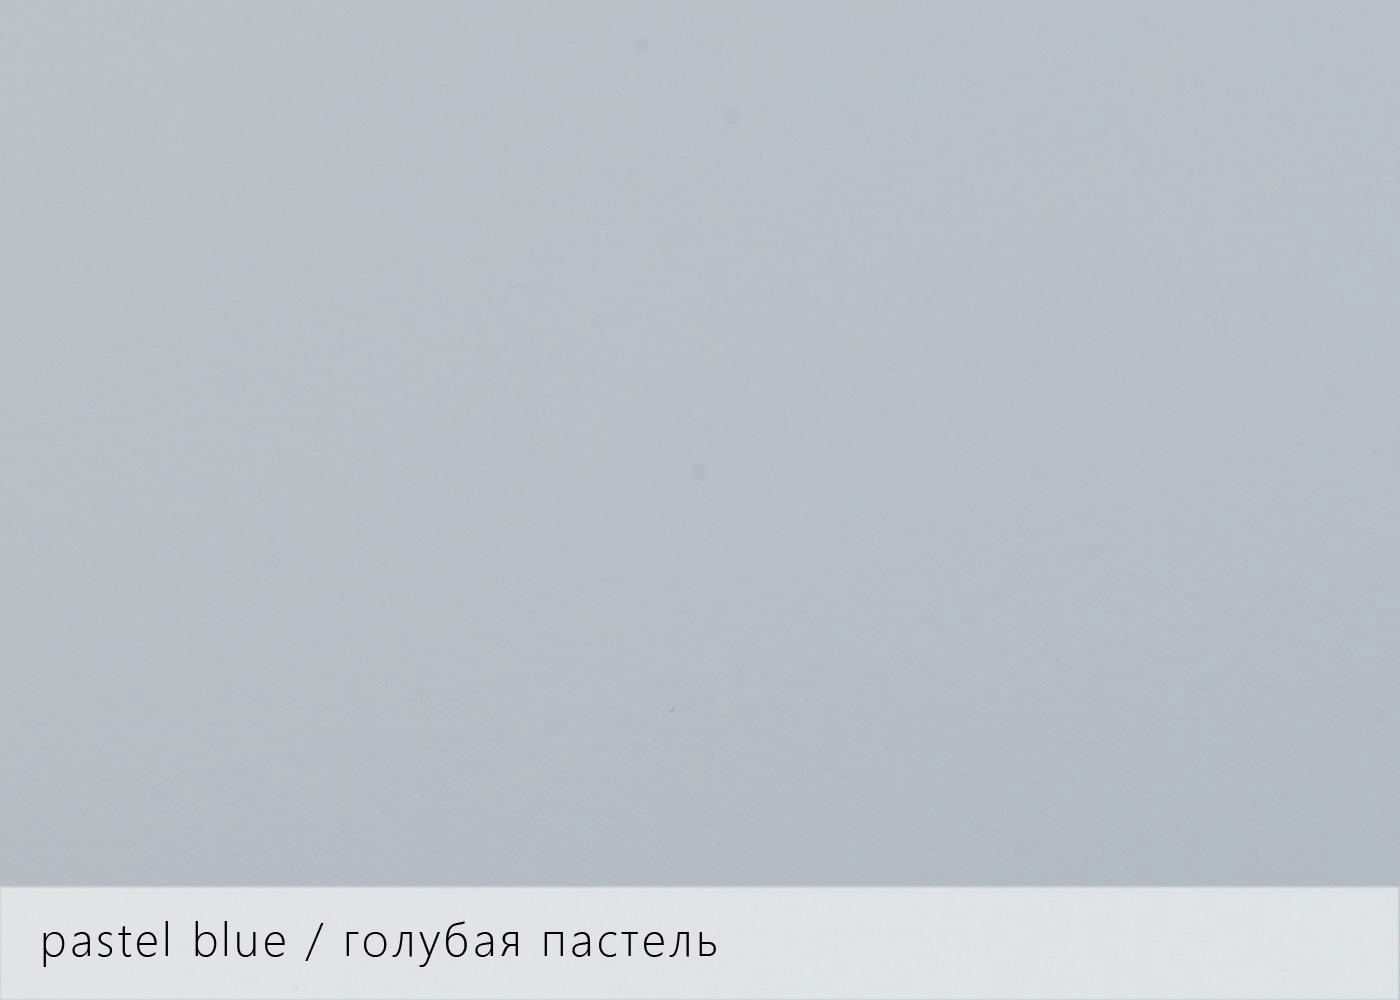 Keaykolour pastel blue / голубая пастель